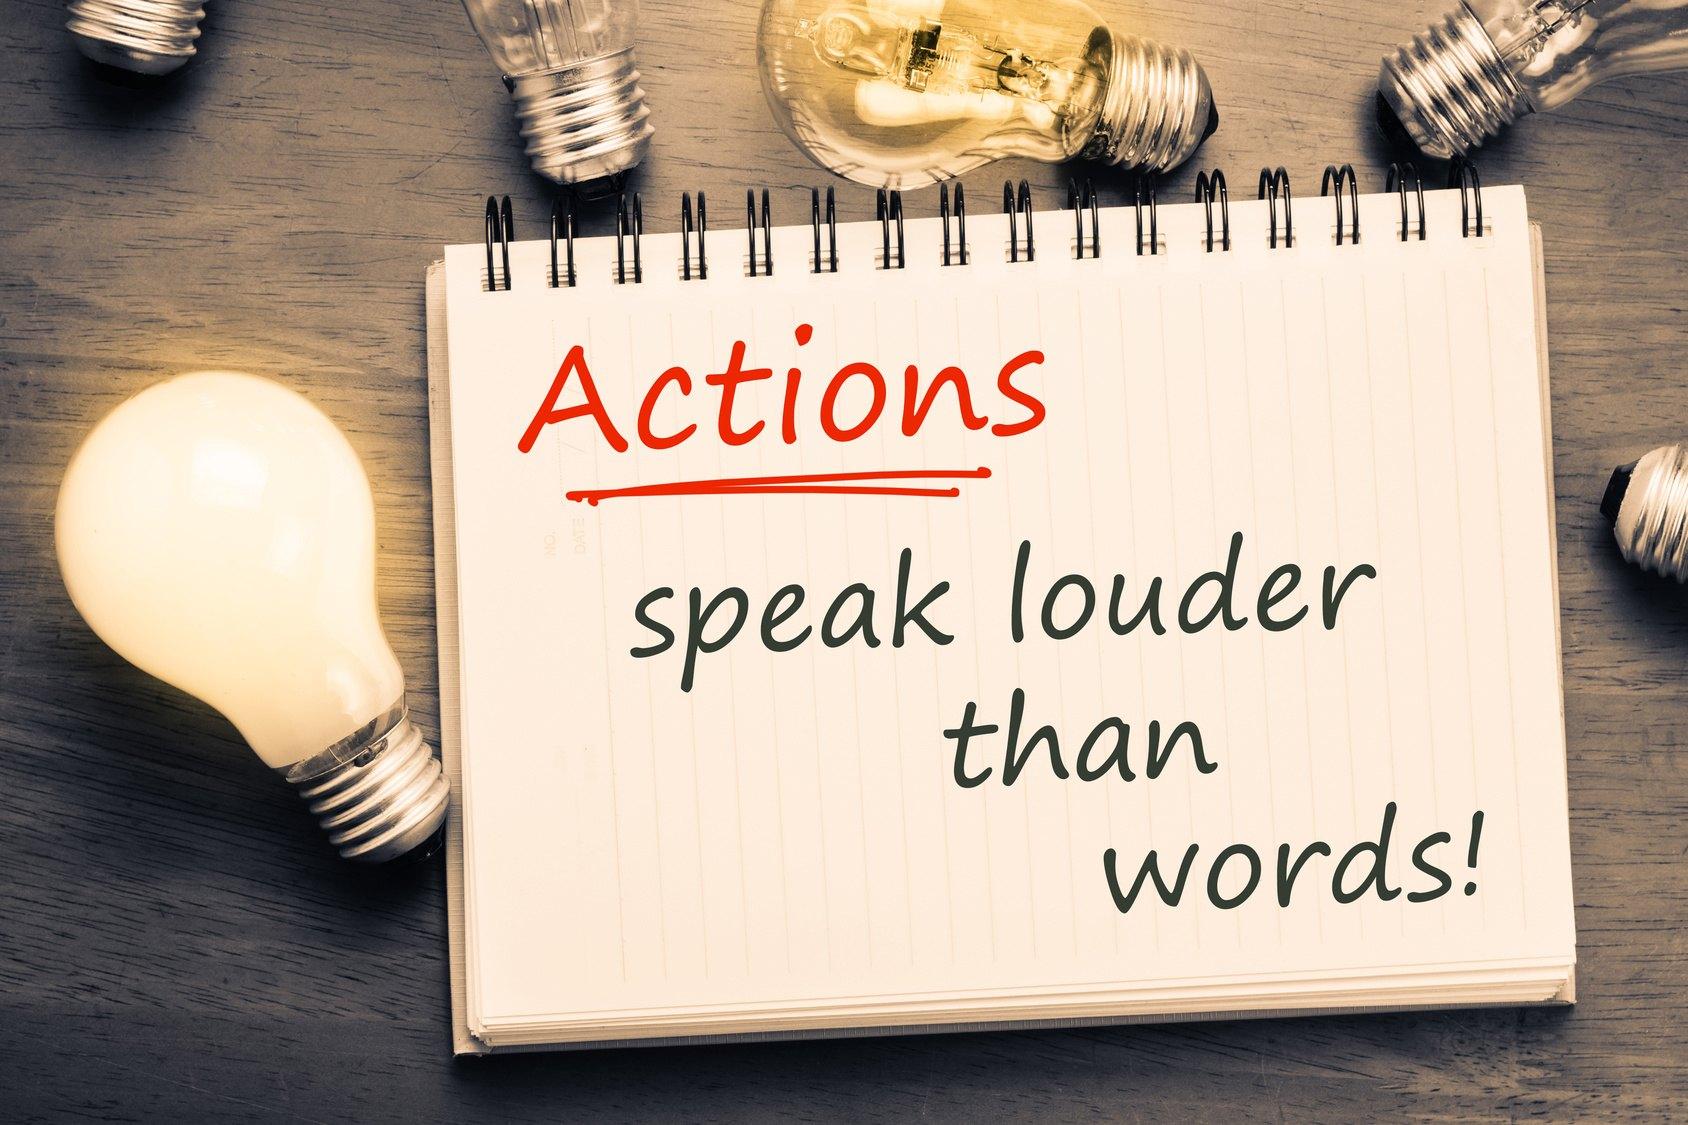 LAS PALABRAS JUNTO CON LAS ACCIONES/行動と一緒の言葉